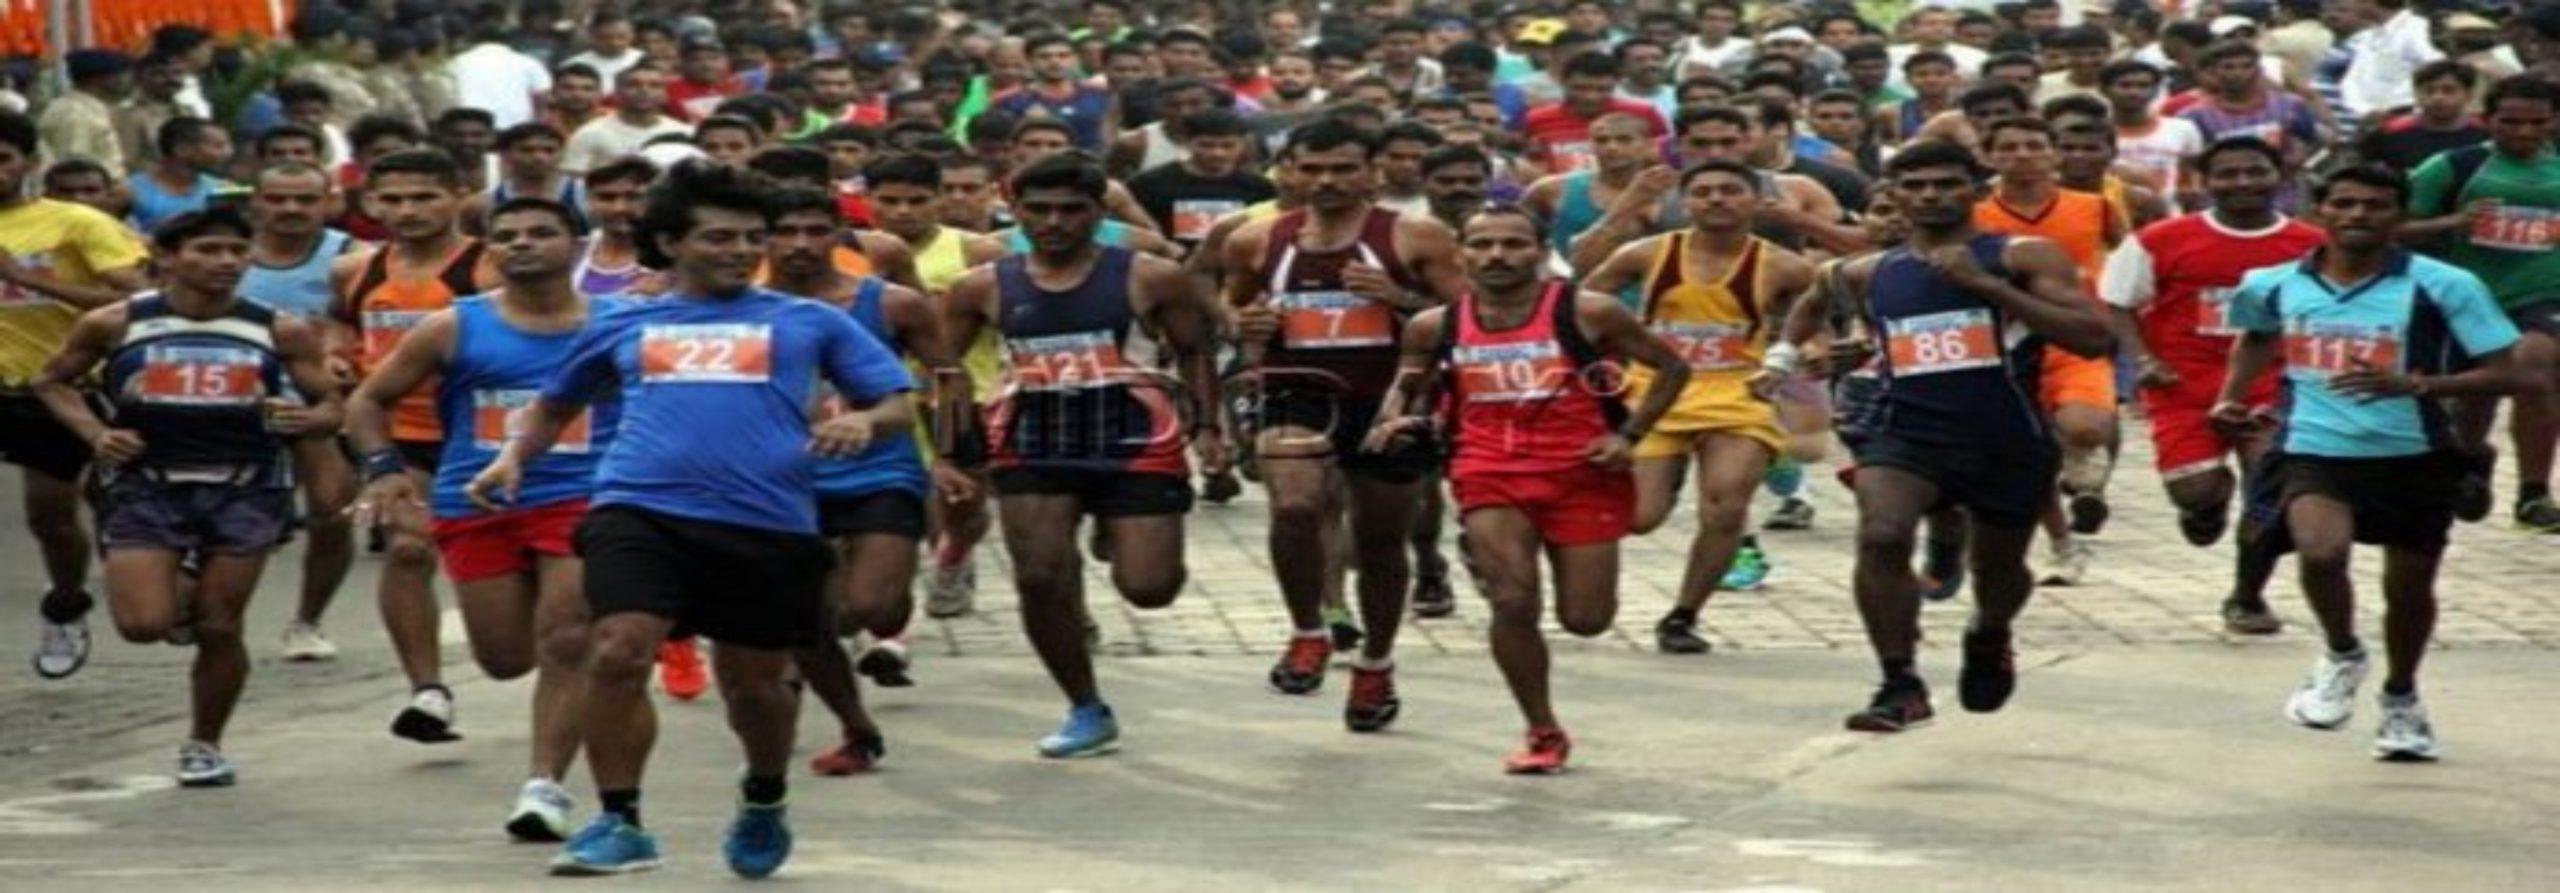 Photo of Thane Mayor Marathon cancelled on account of COVID-19